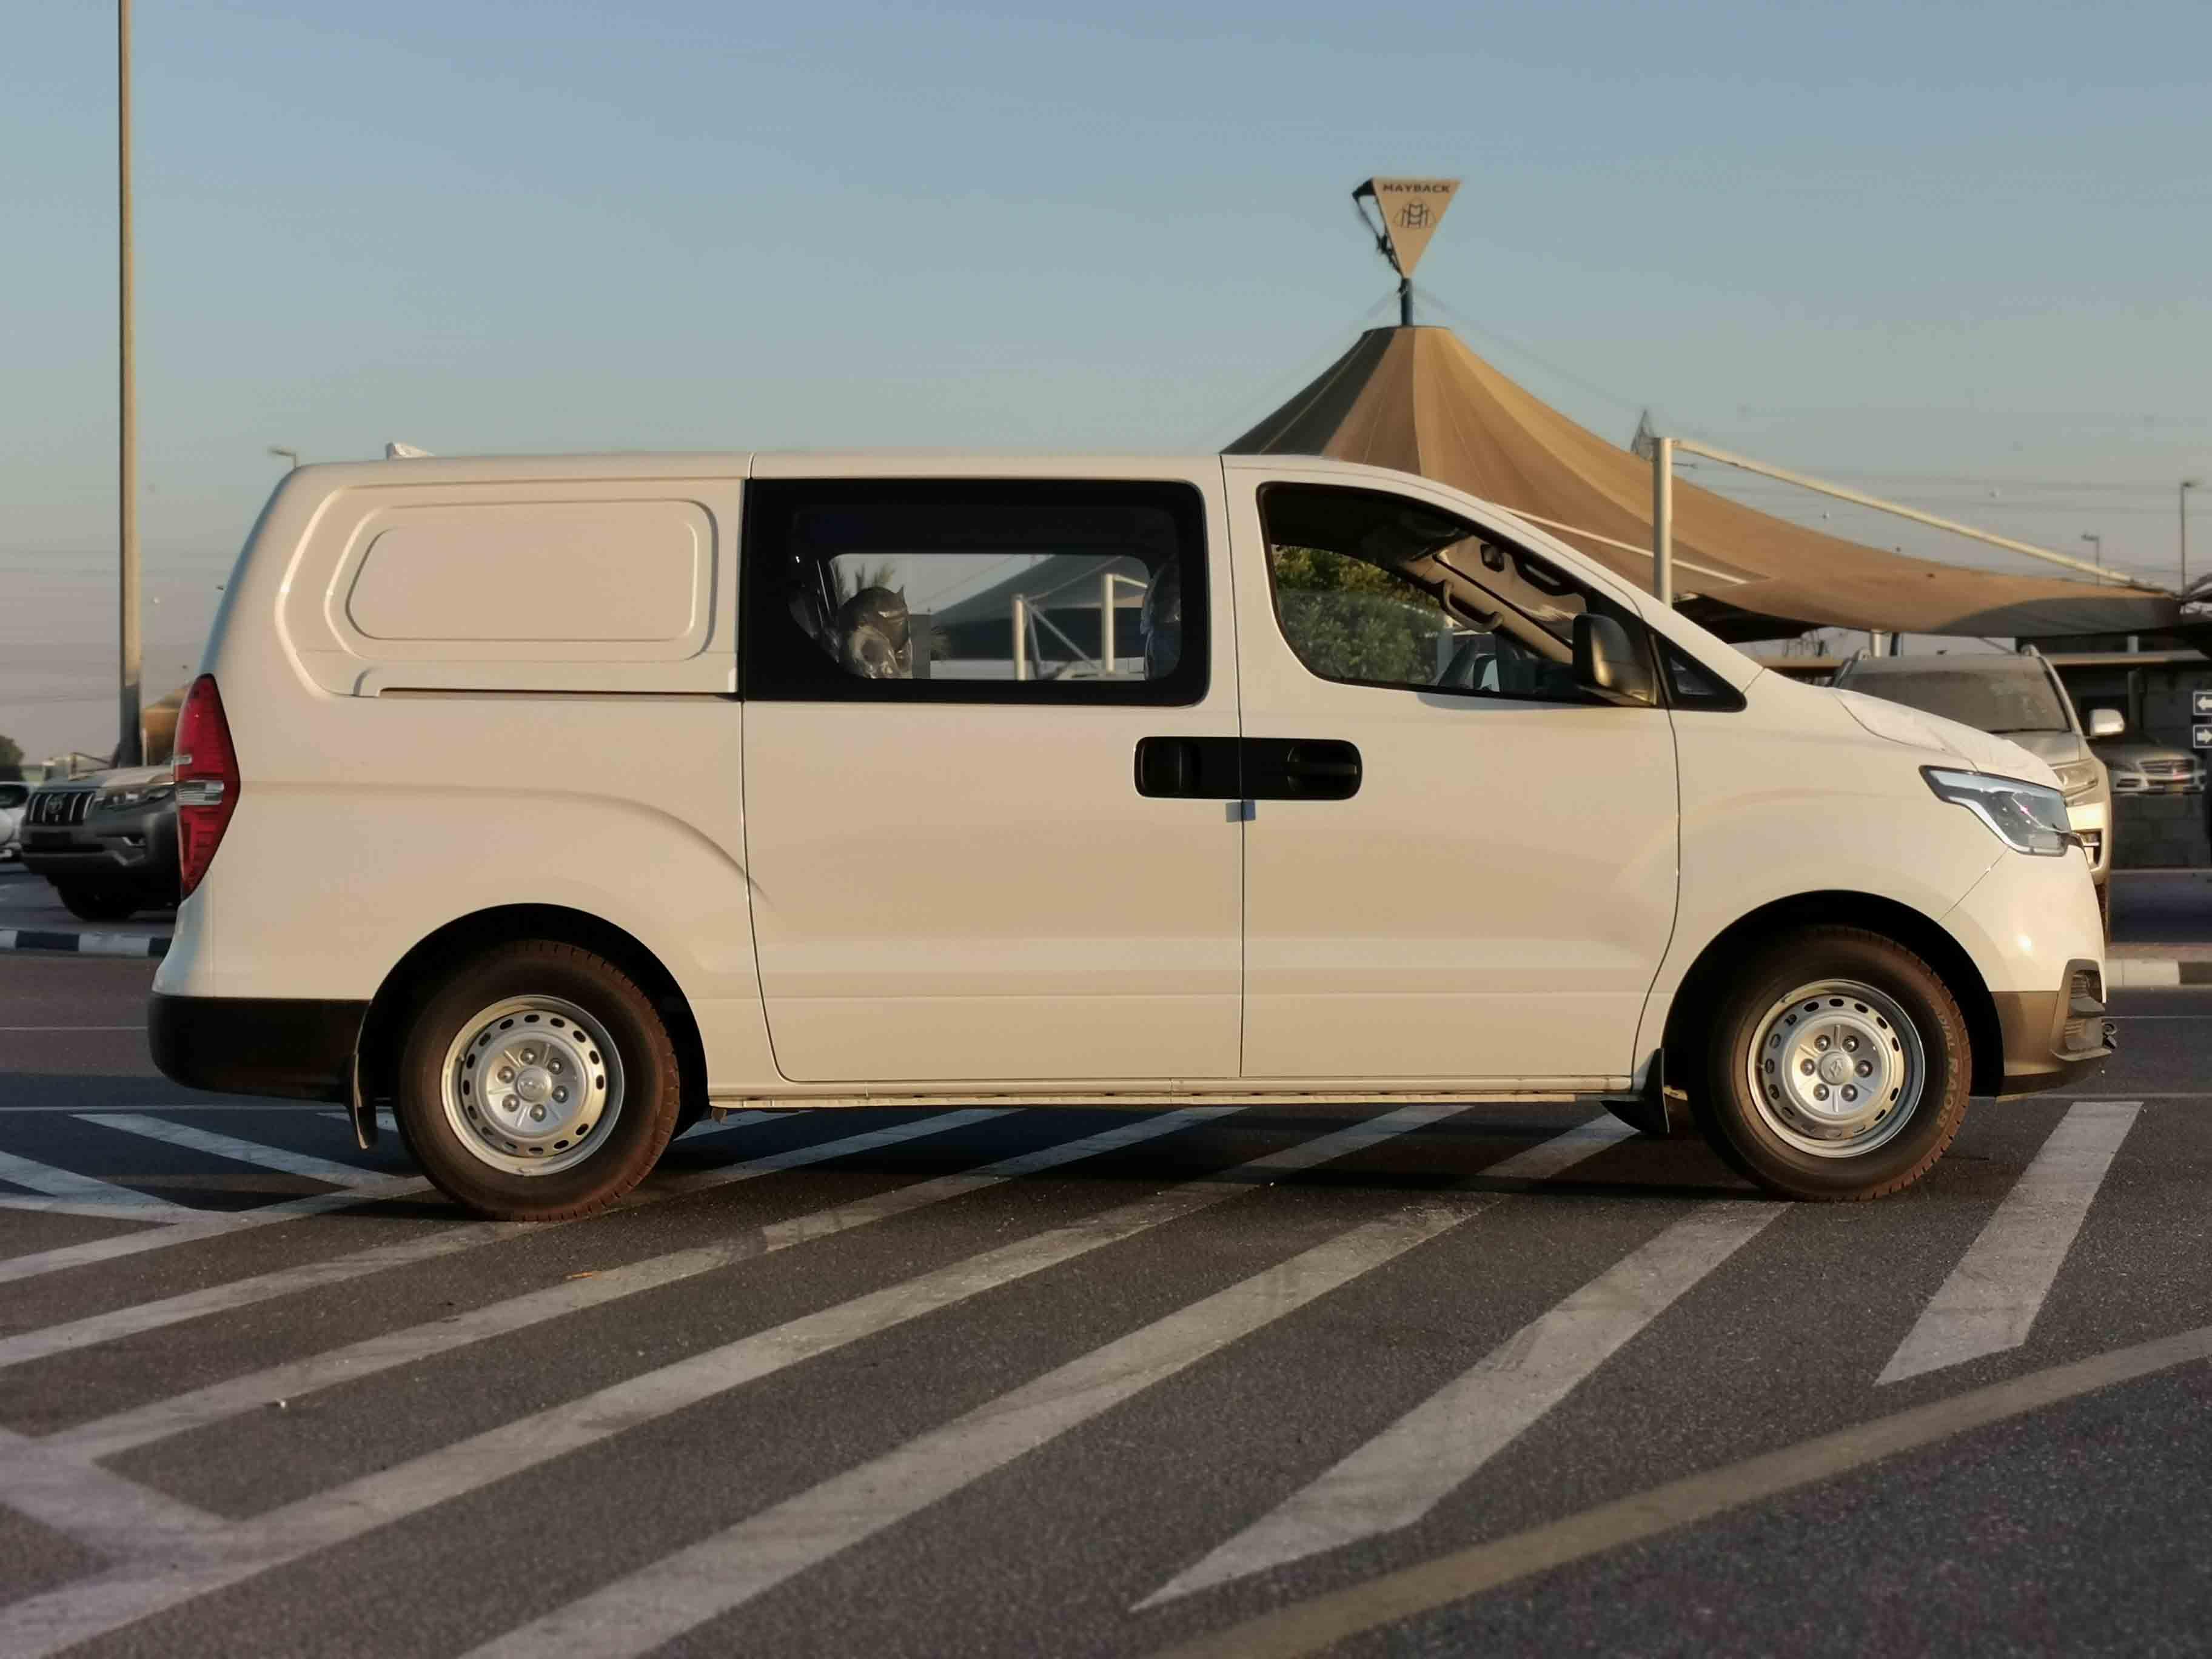 new hyundai h1 rwd van 2021 2.4l in dubai for sale for